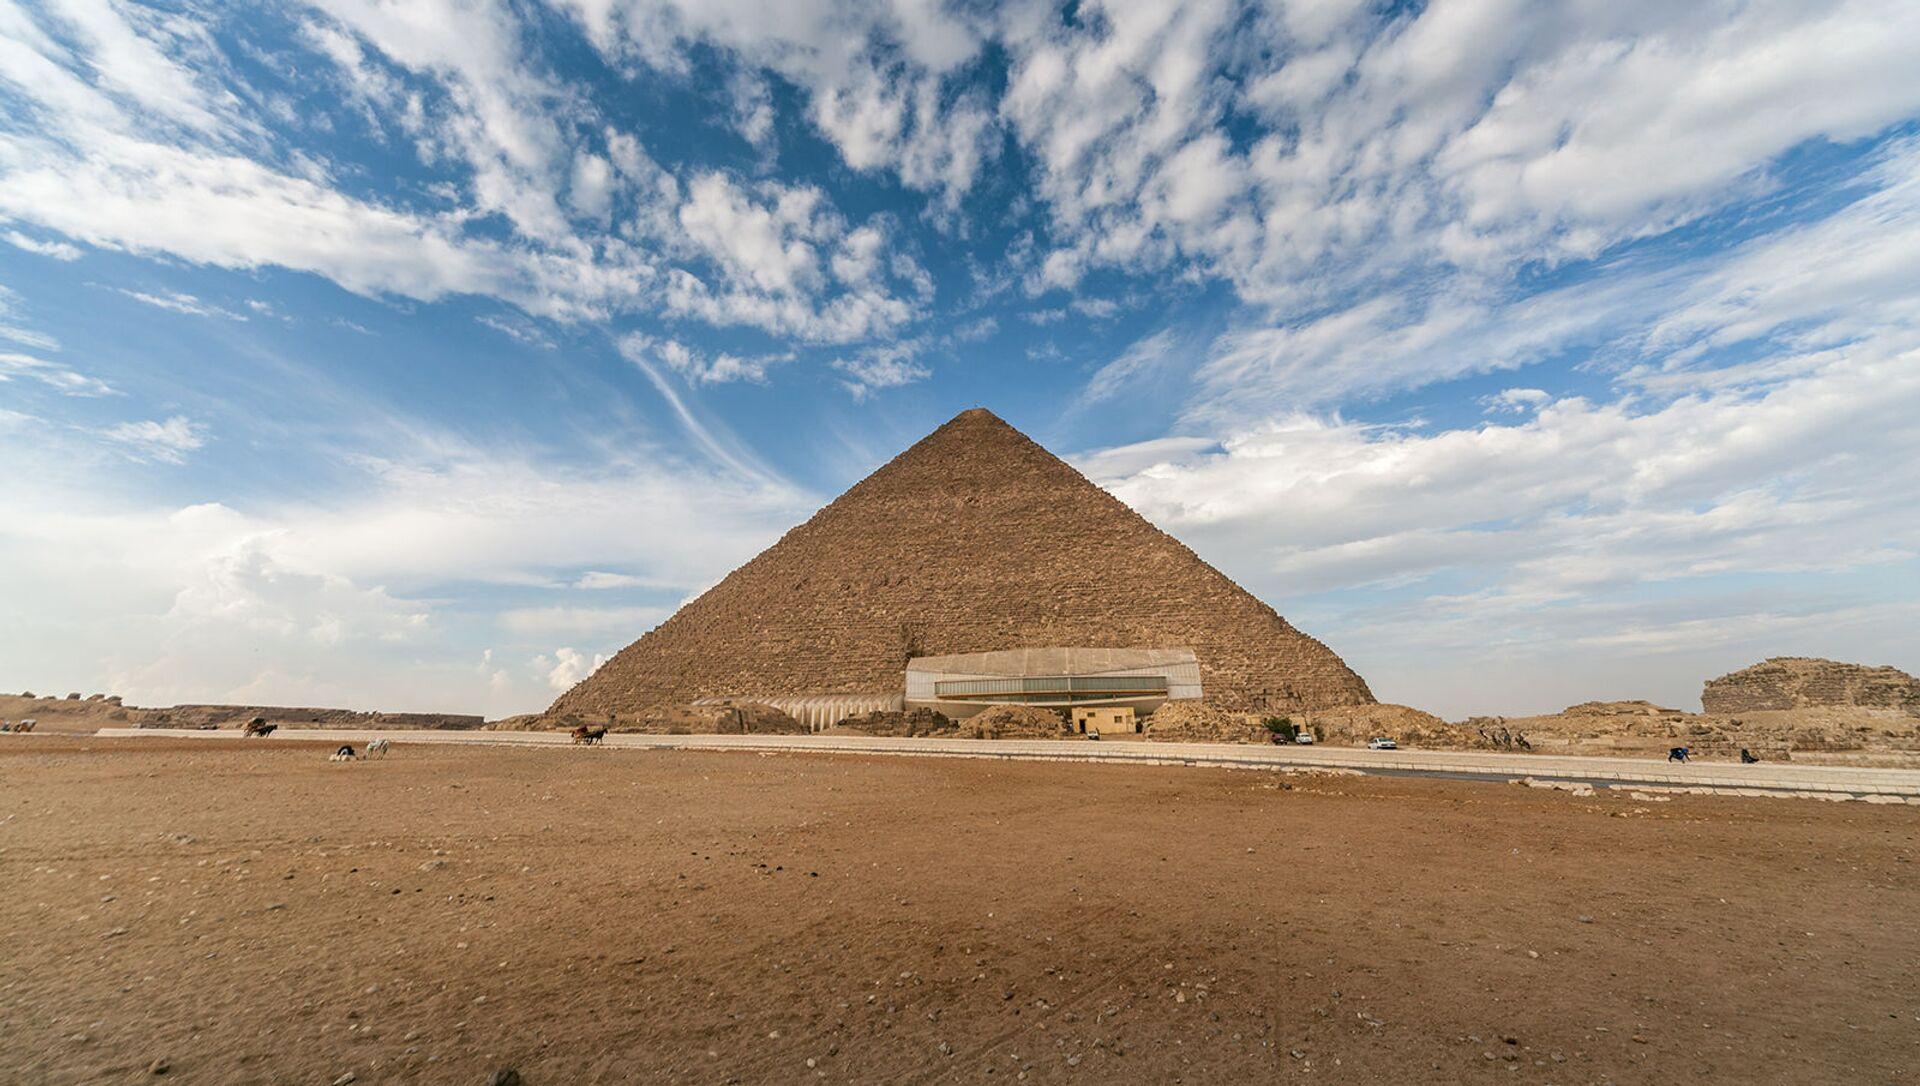 Пирамида Хеопса в Гизе,  одно из Семи чудес древнего мира - Sputnik Армения, 1920, 17.02.2021